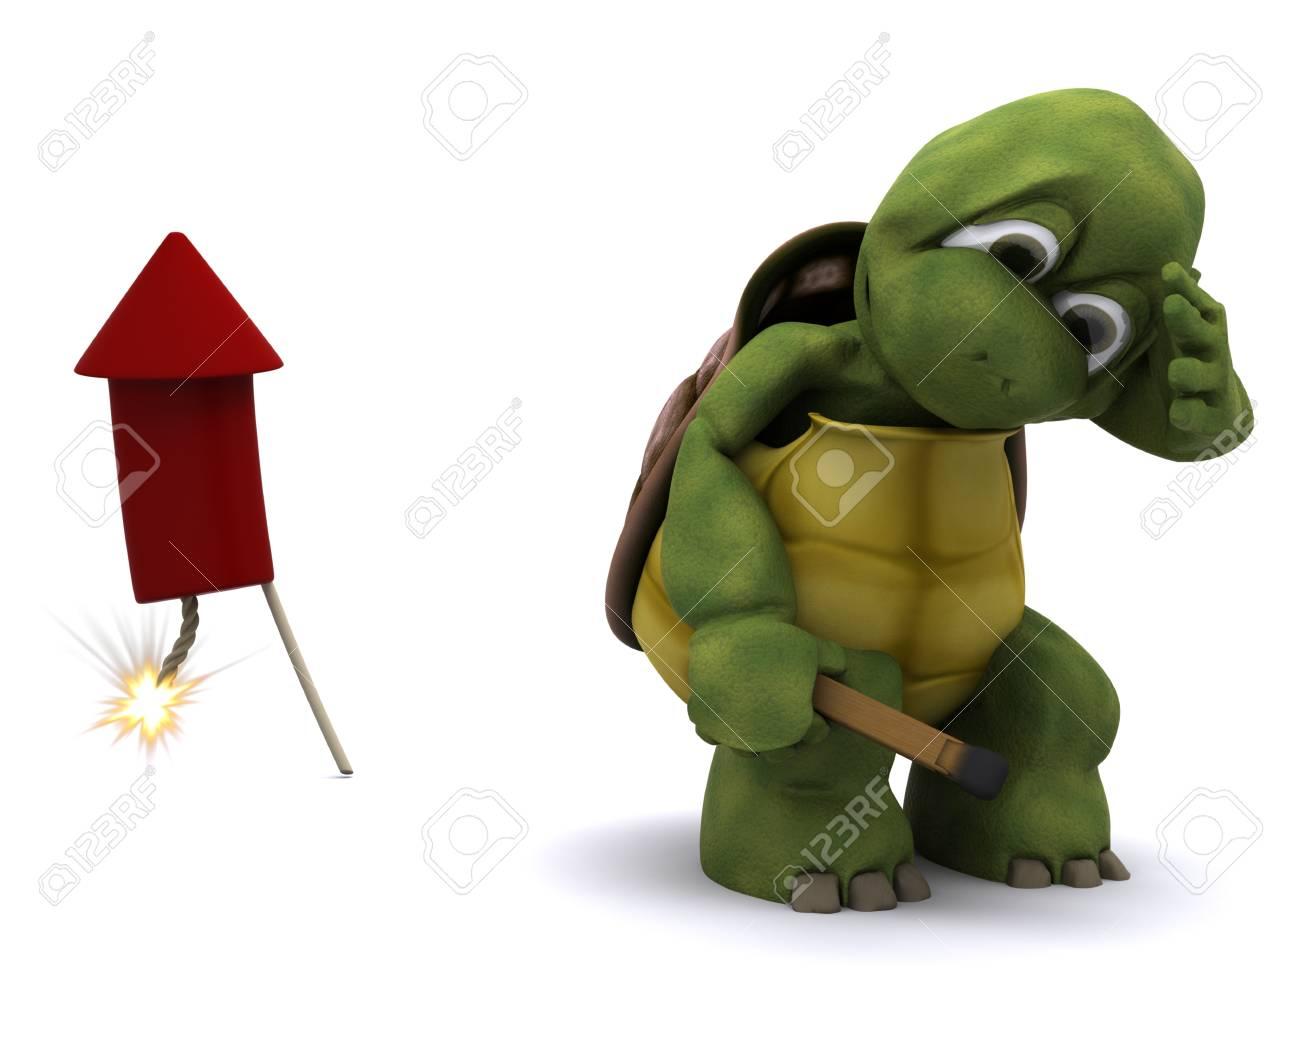 tortoise lighting. 3d Render Of Tortoise Lighting A Firework Stock Photo - 10620683